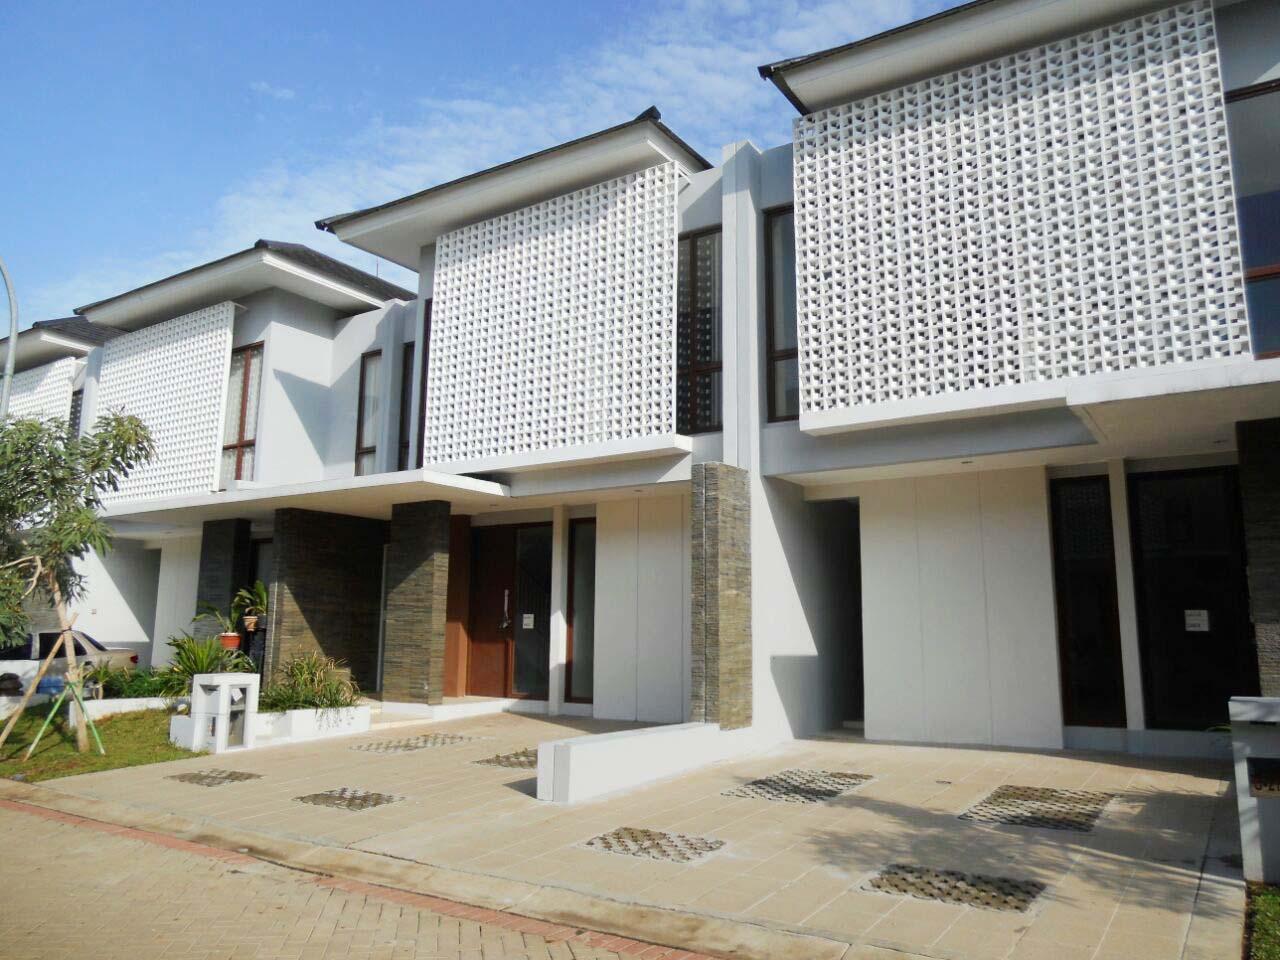 Rumah HOT SALE!!! Dijual Cepat Rumah, Lokasi sangat Srategis Di Discovery Lumina, Bintaro